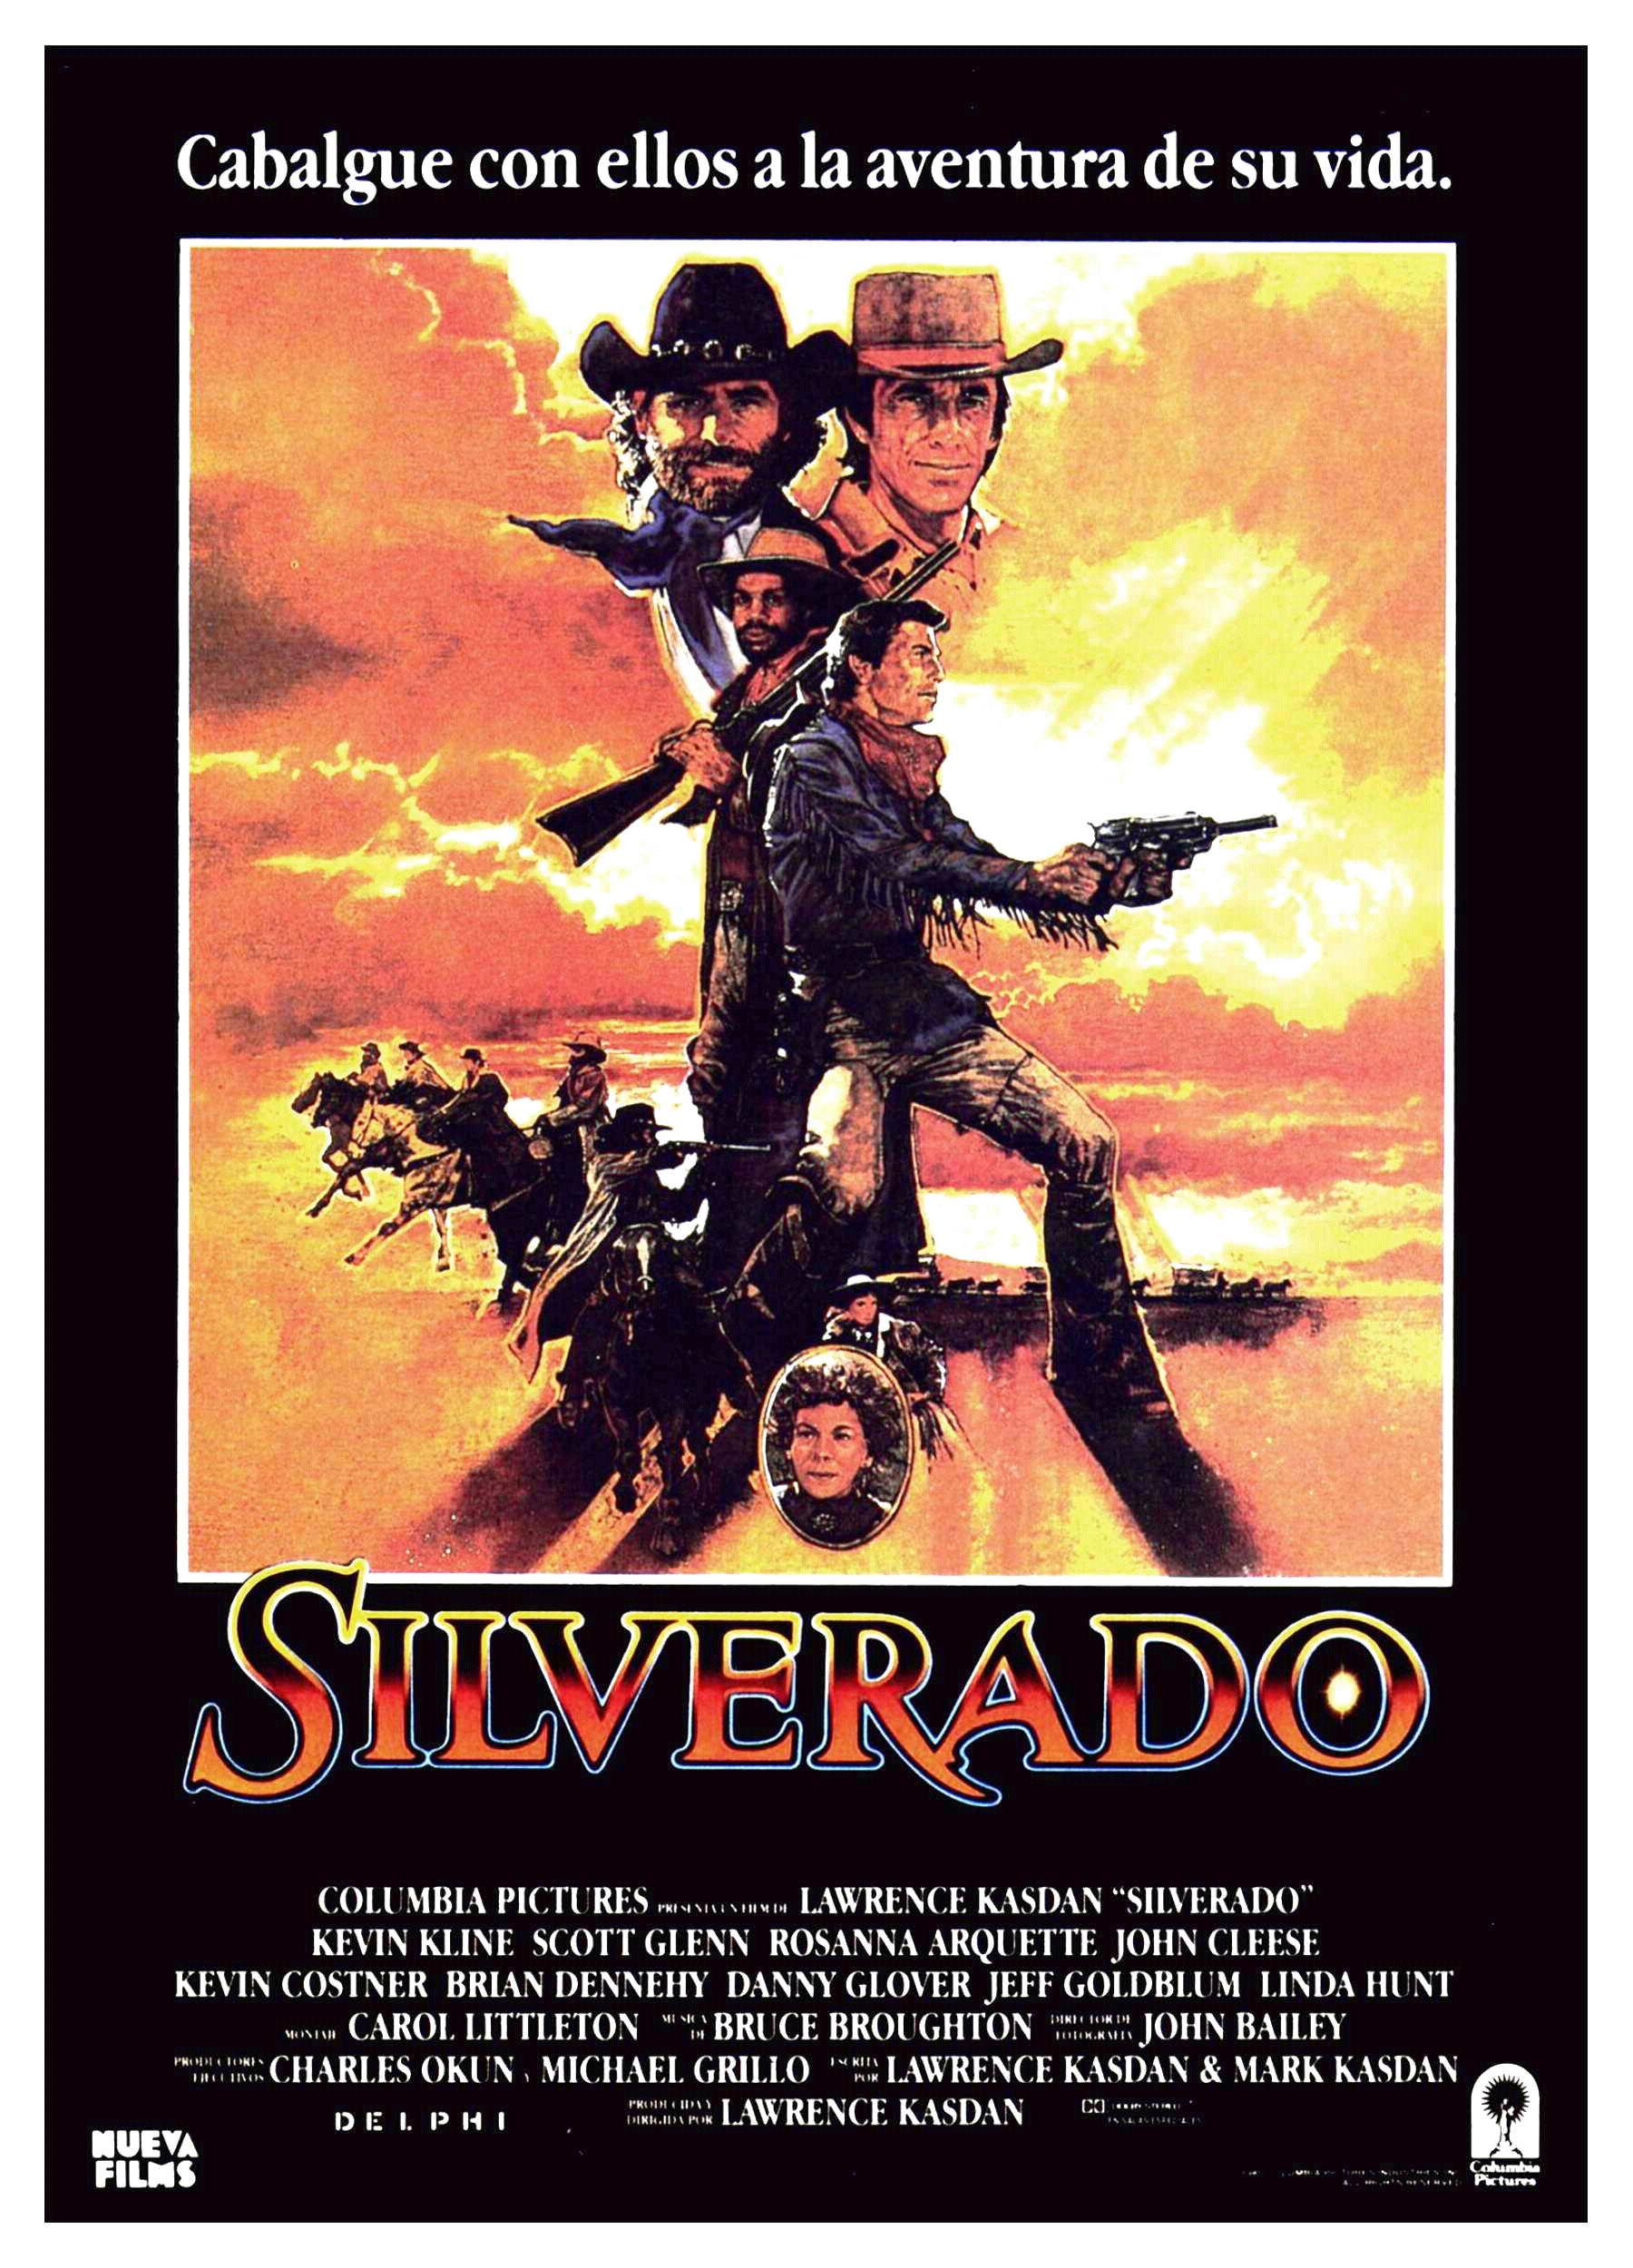 Silverado (Silverado) (1985)